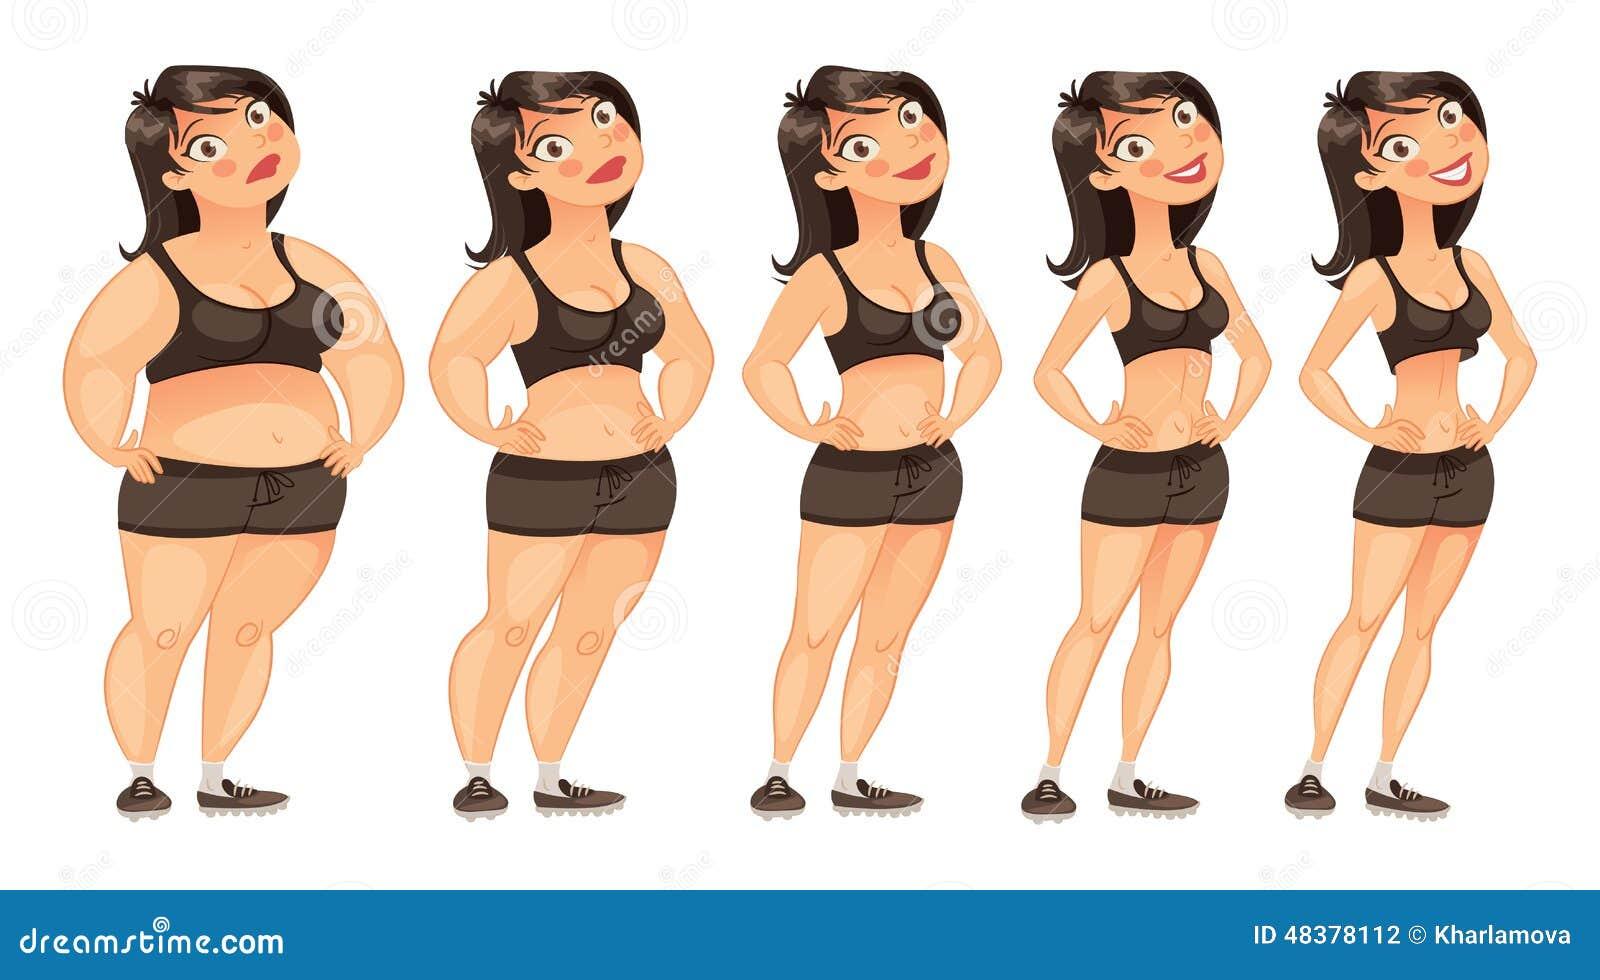 privation de sommeil sévère perte de poids